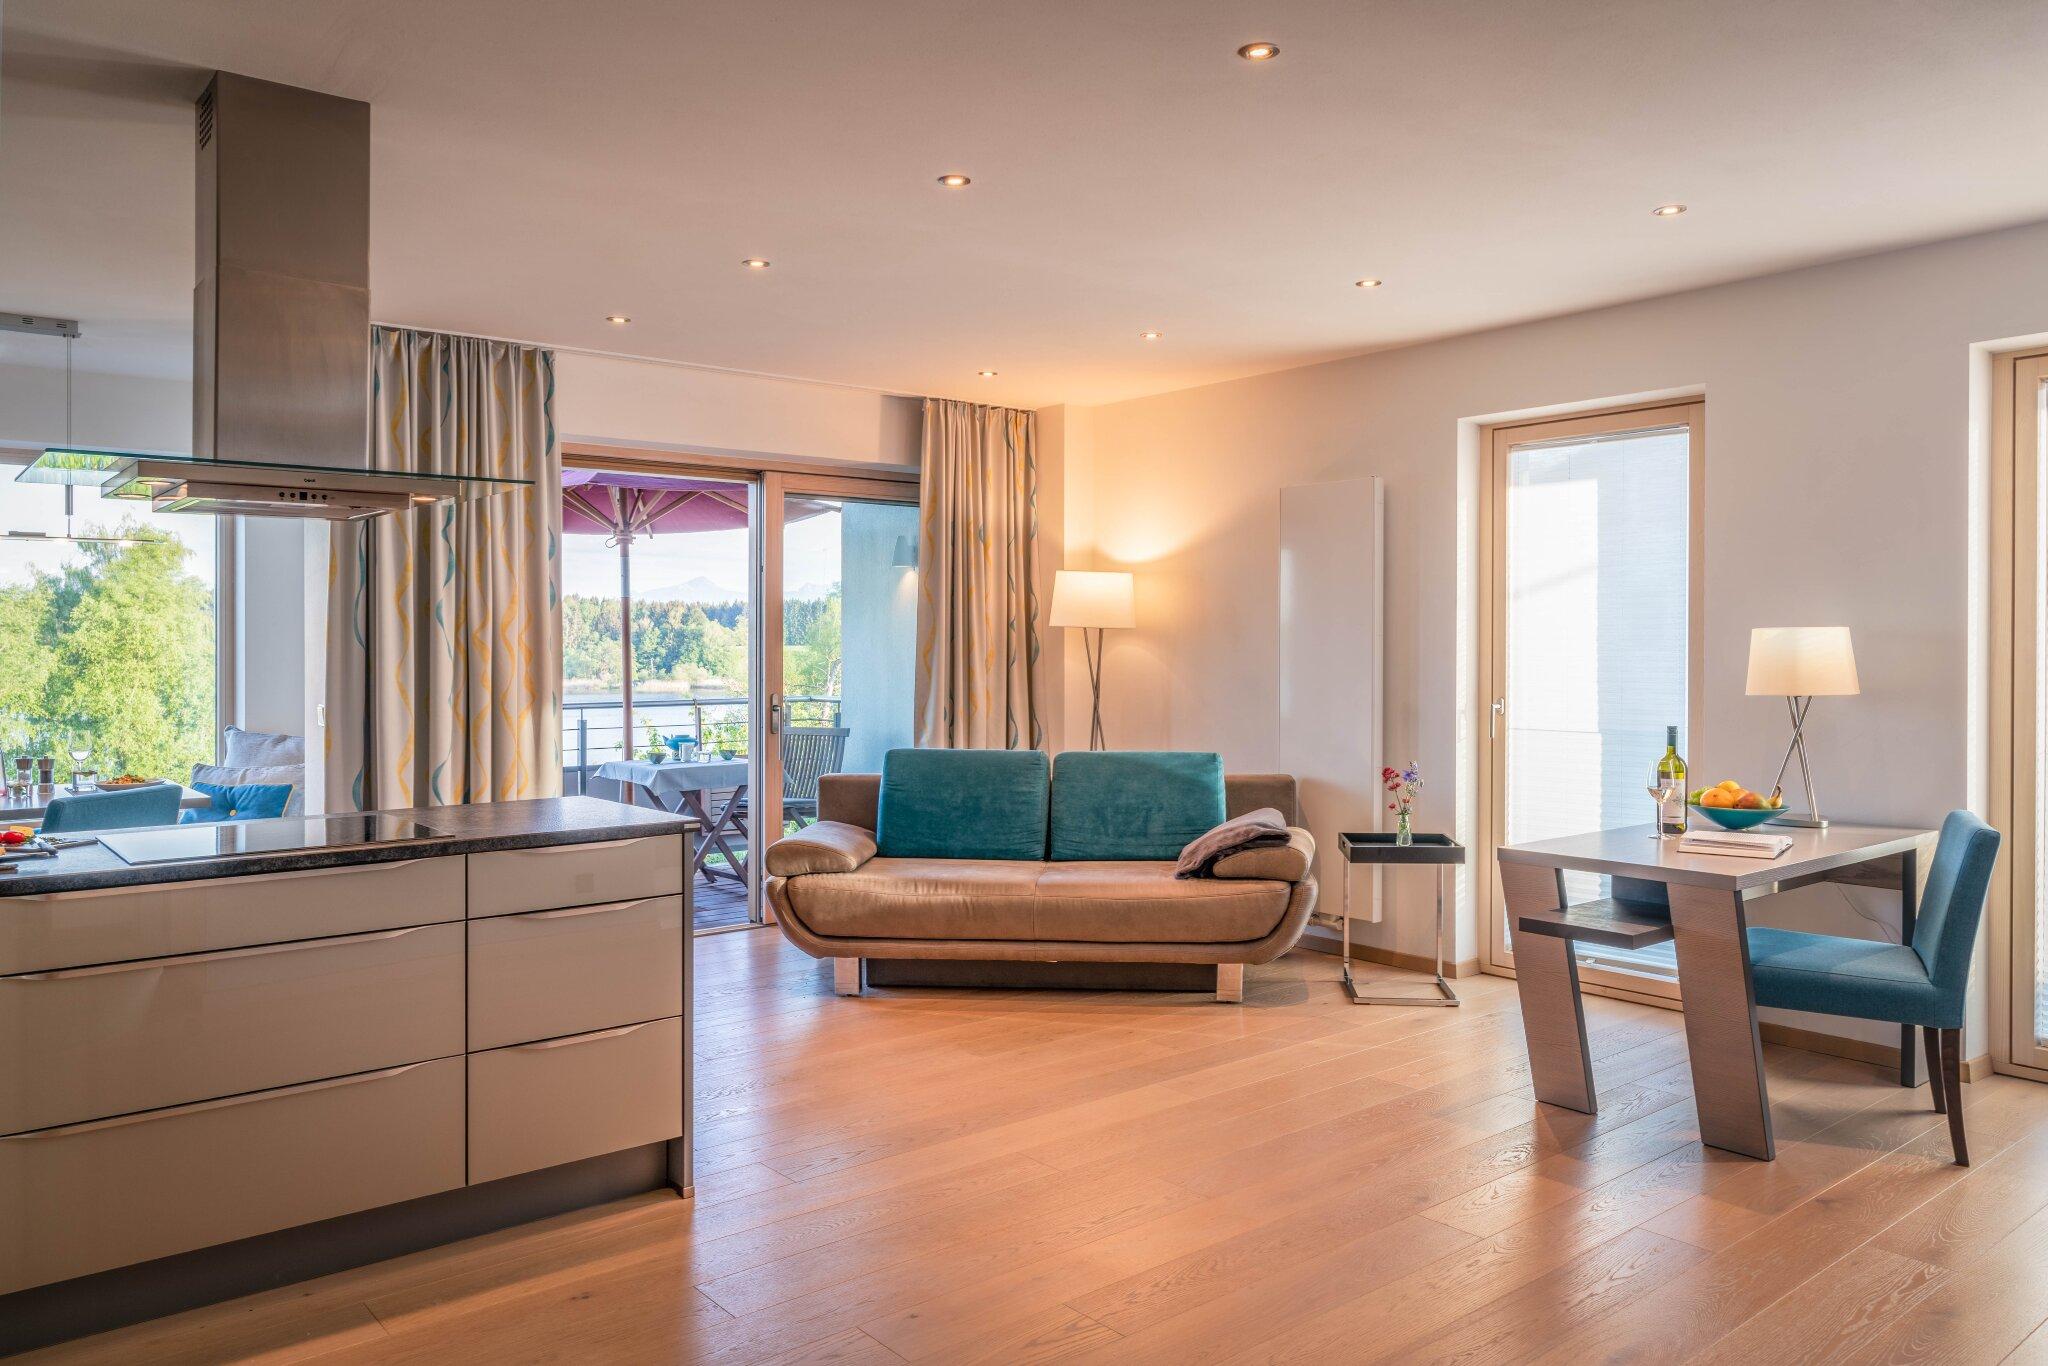 Zusatzbild Nr. 03 von Ferienhaus 'Lebensart-am-See' - Appartement 'Relaxx'